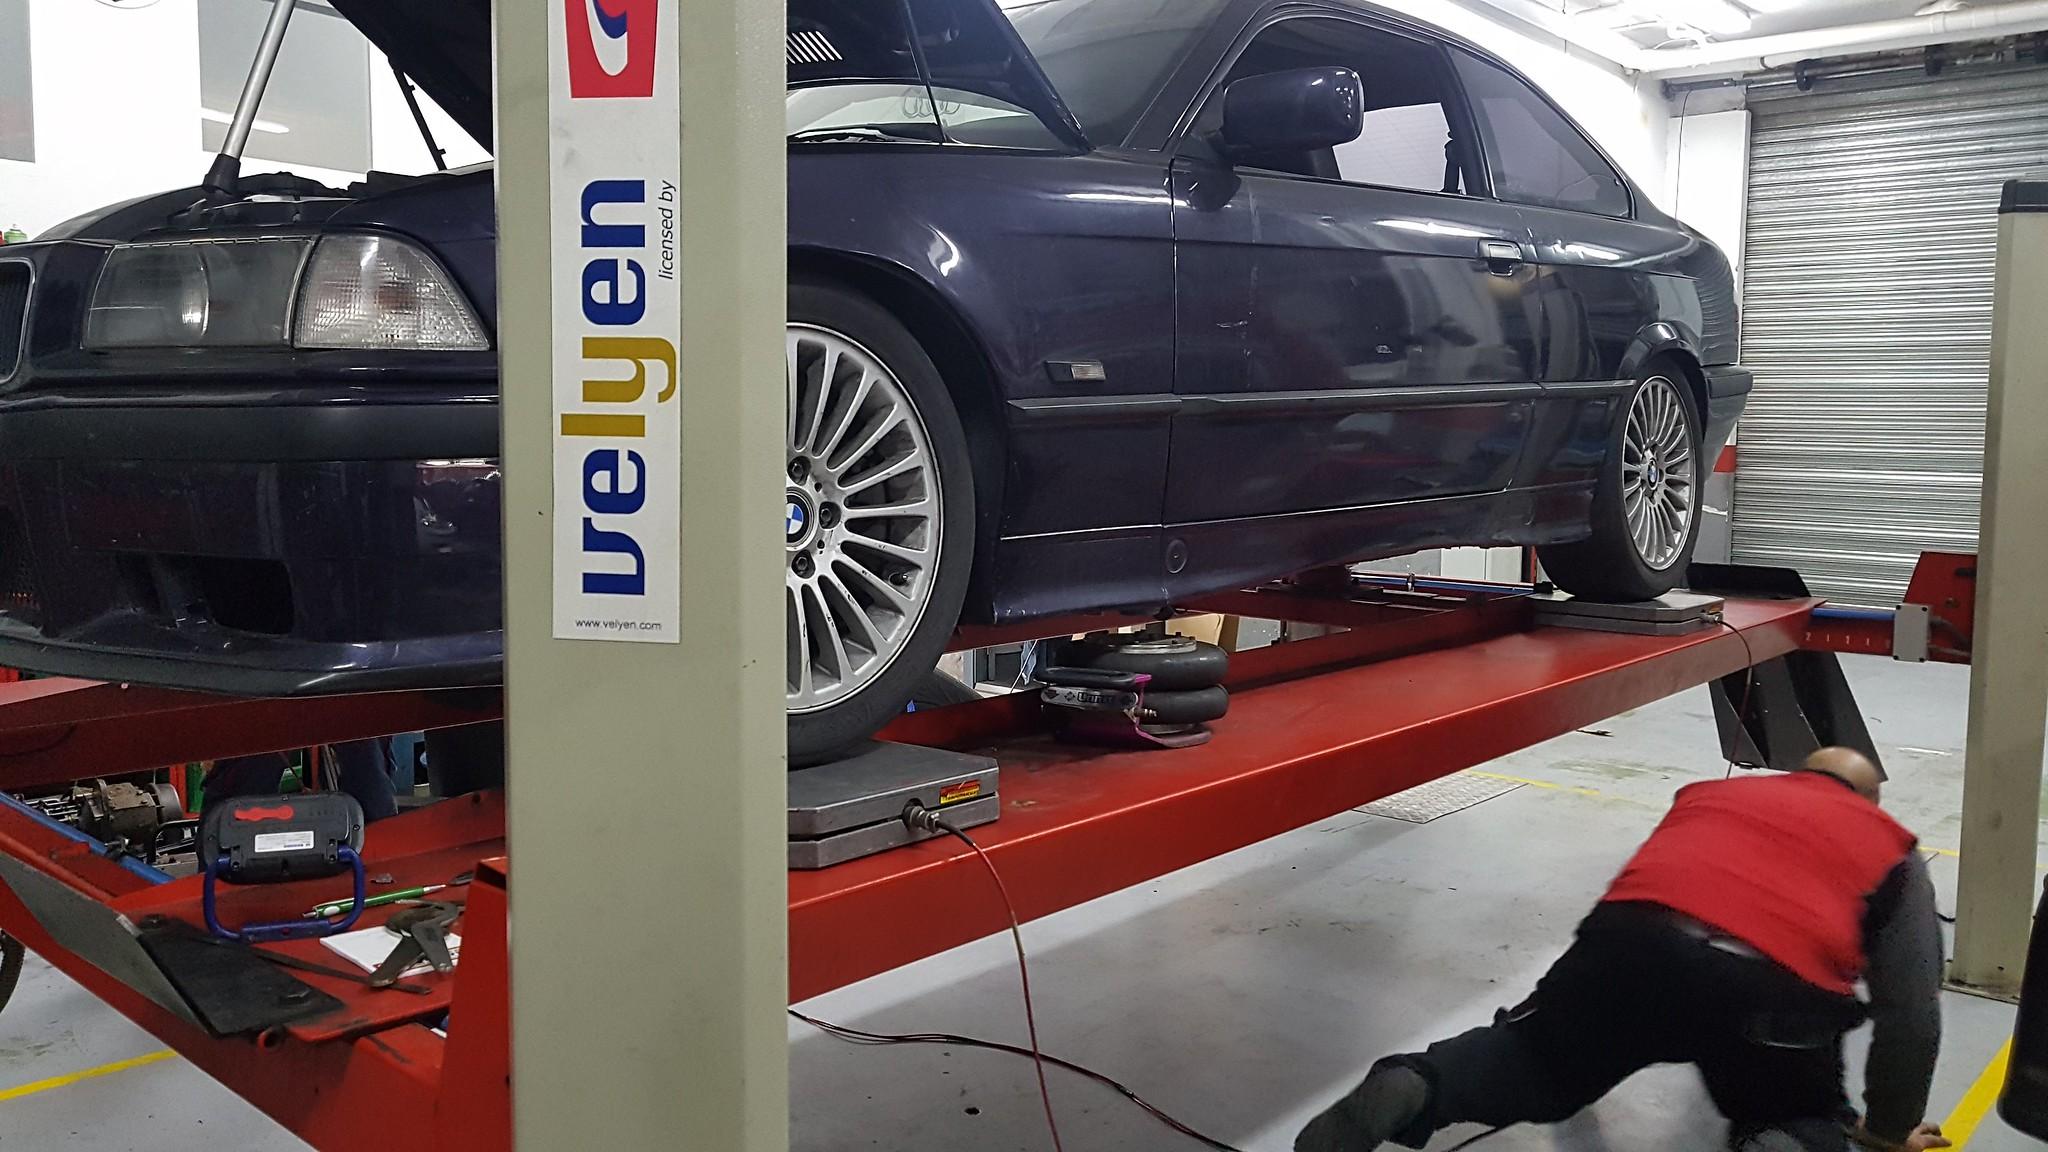 Corner balance BMW e36 328i